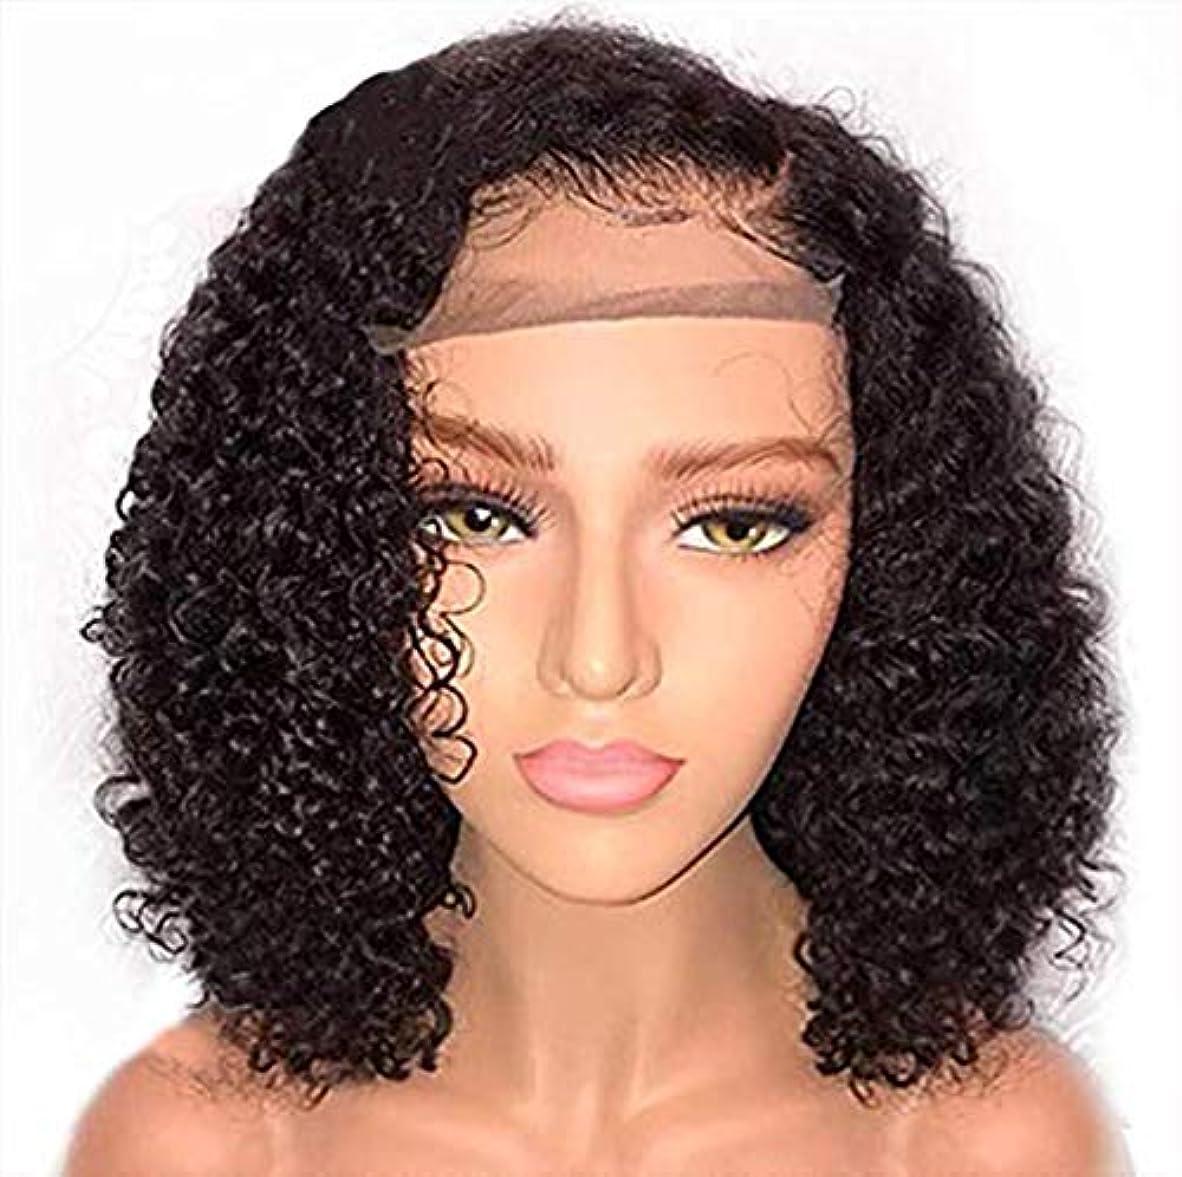 温度計共役義務的短いボブバージン人毛グルーレスレースフロントかつら女性150%密度と事前に摘み取られたヘアライン漂白ノットカーリーボブかつら14インチ